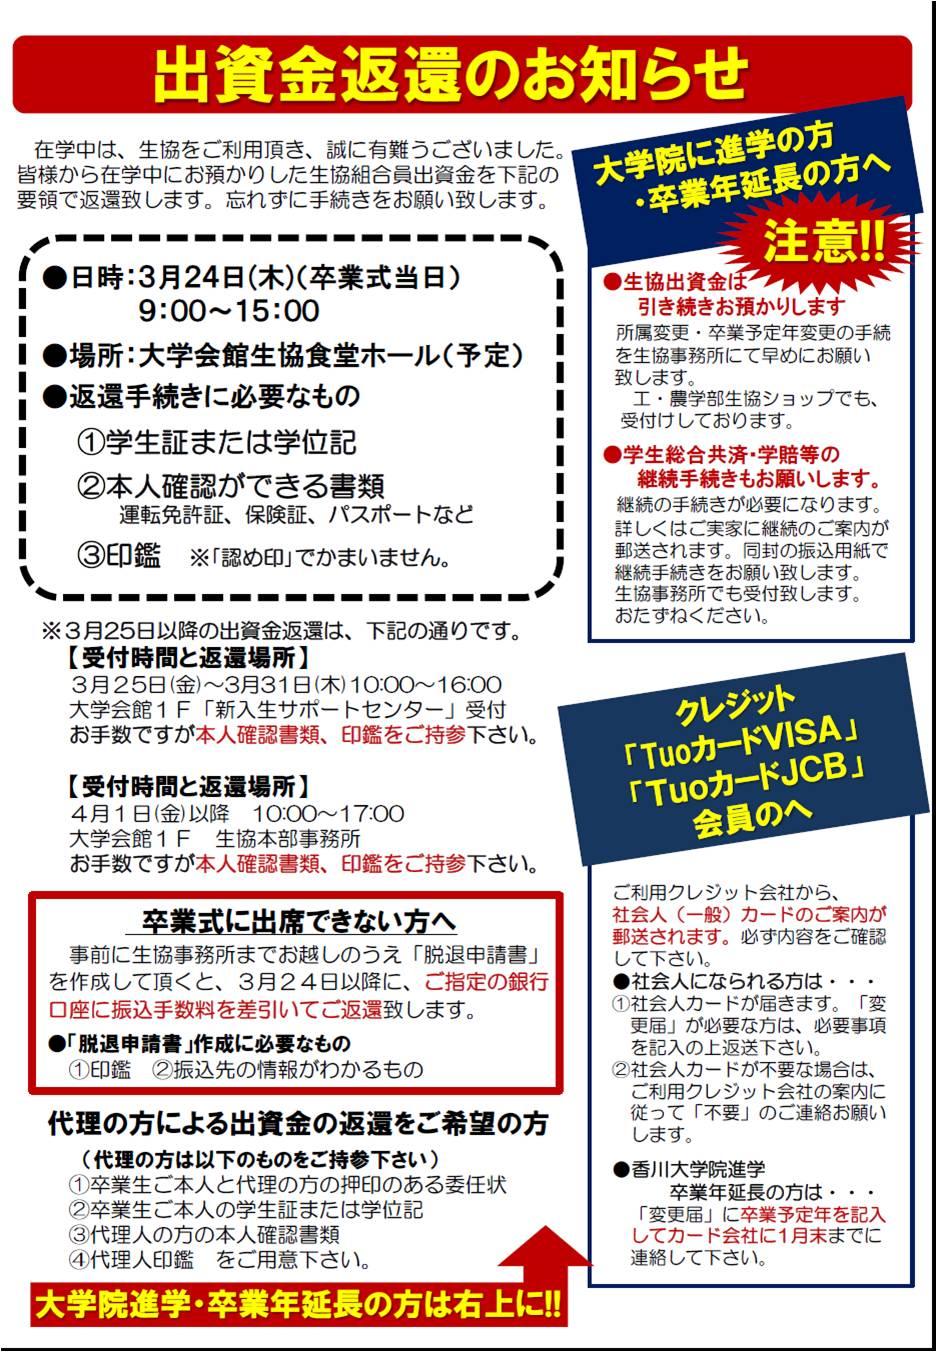 香川大学生活協同組合: 卒業・修...